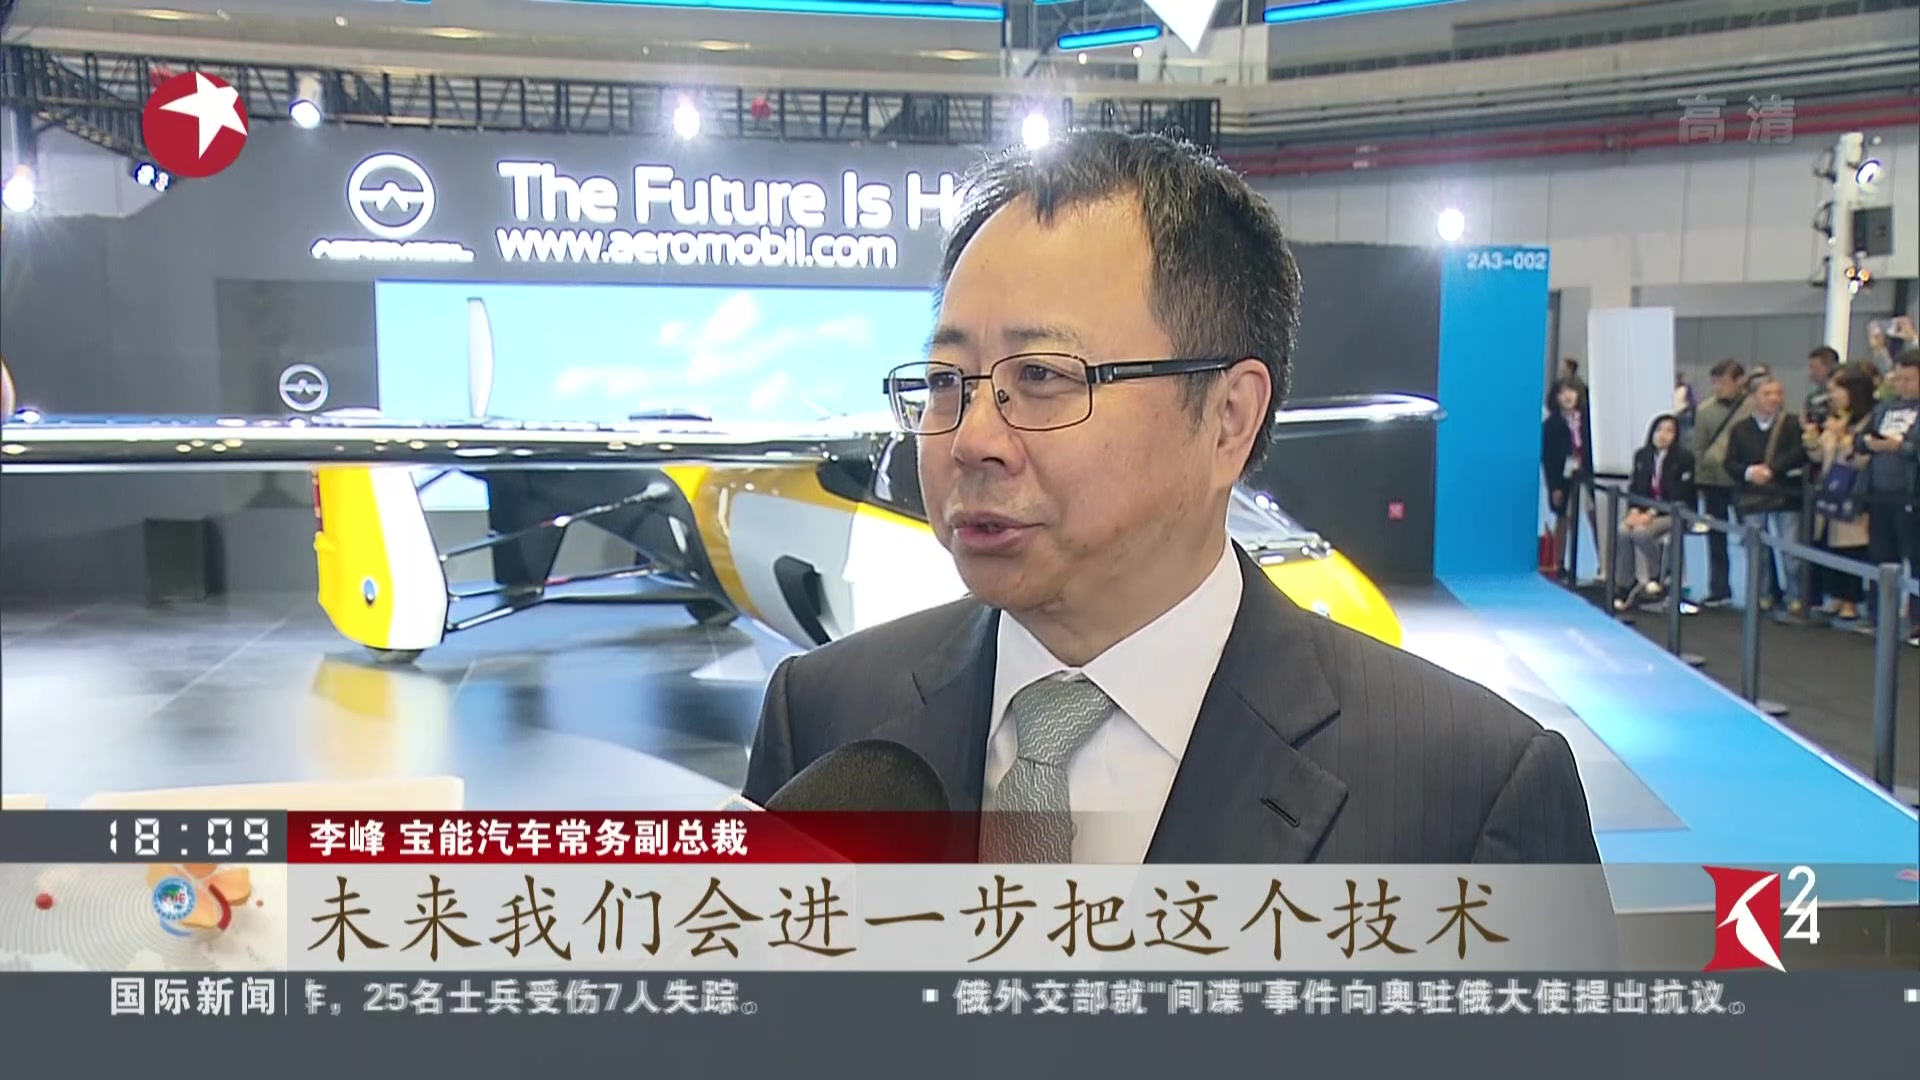 进口博览会:会飞的汽车与宝能签约开展合作